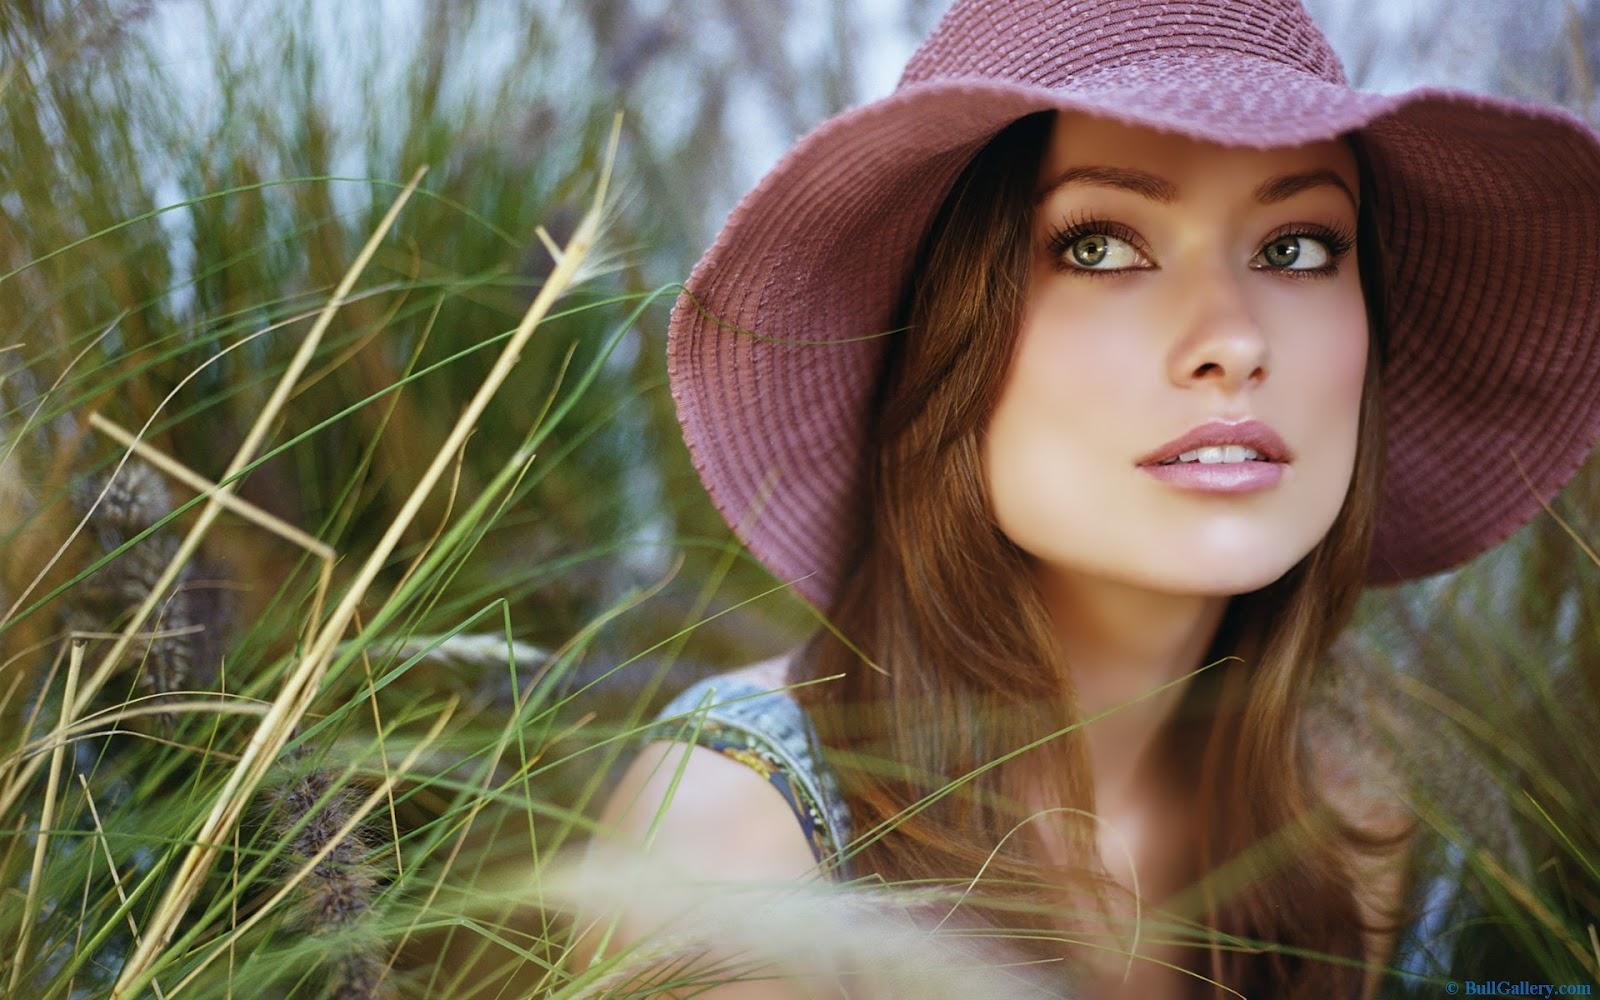 http://3.bp.blogspot.com/-_qQiW216a0c/UG8yVlh5czI/AAAAAAAAAFk/PxXduJdDXm4/s1600/Olivia-Wilde-Widescreen-Wallpapers.jpg